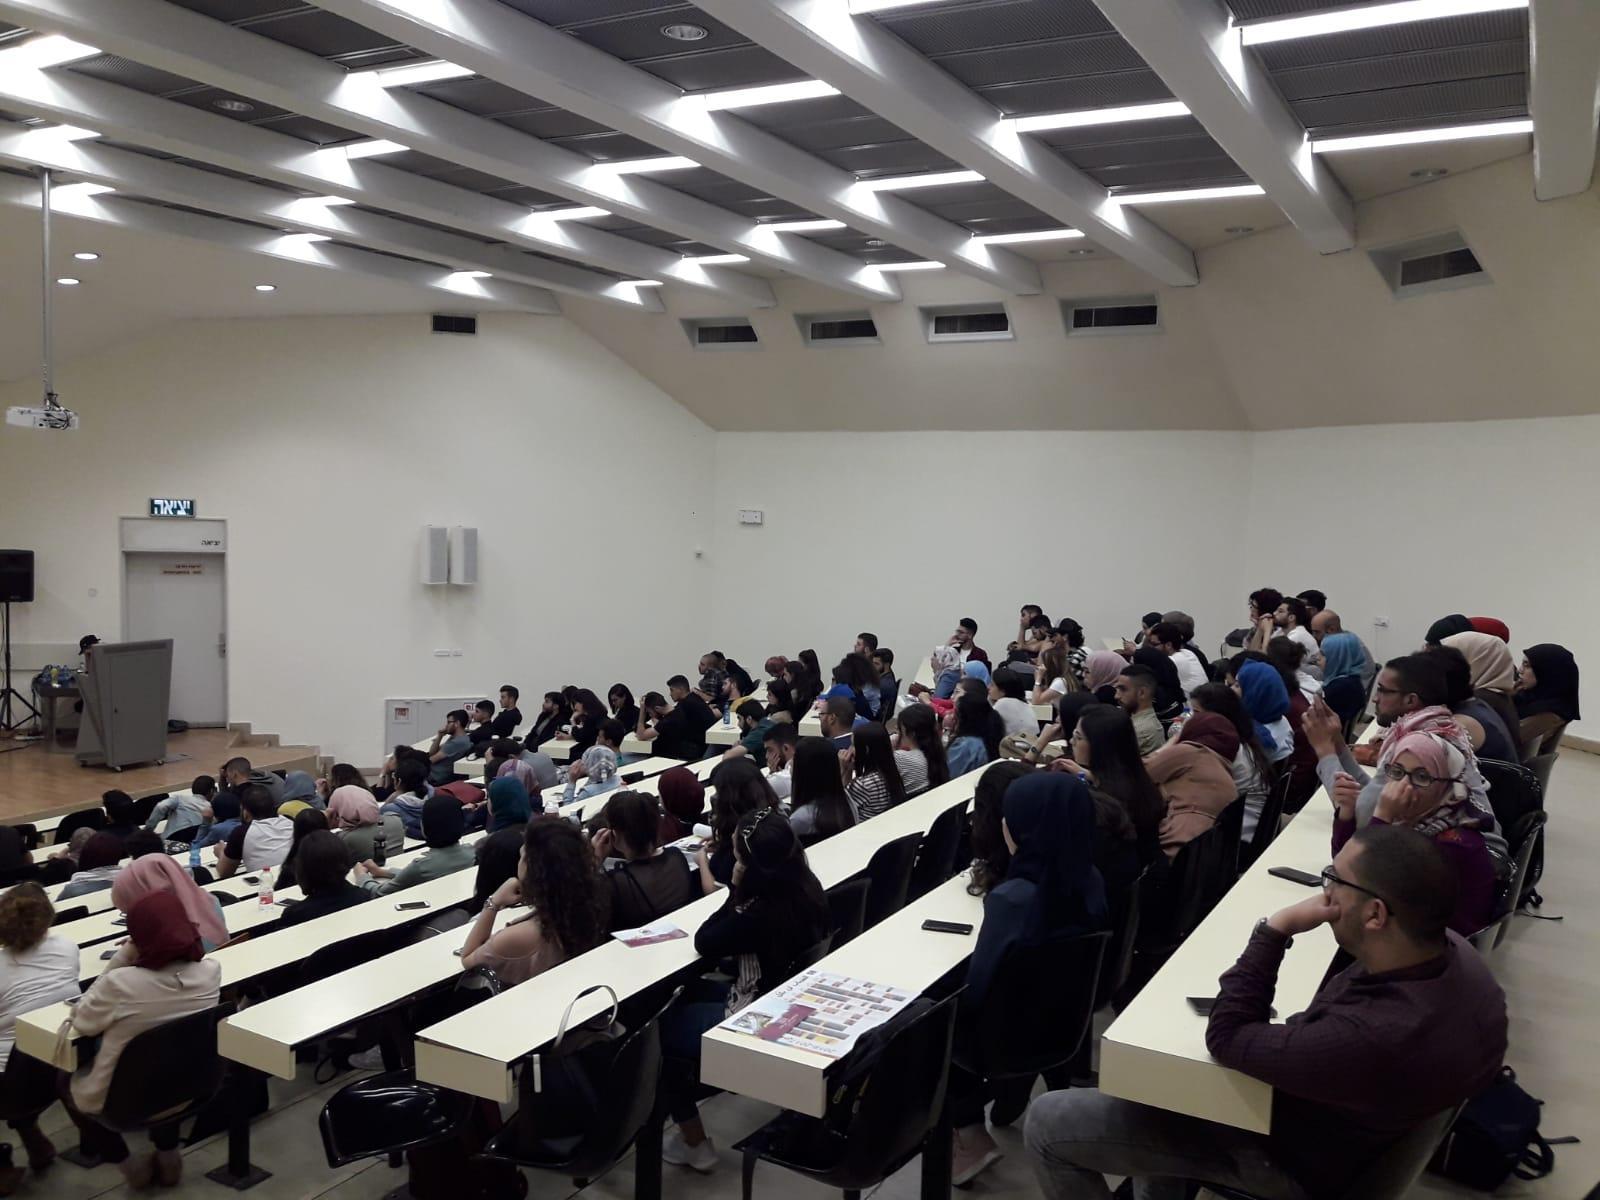 الحركة الطلابية للعرب في الجامعة العبرية بالقدس تُحيي ذكرى النكبة